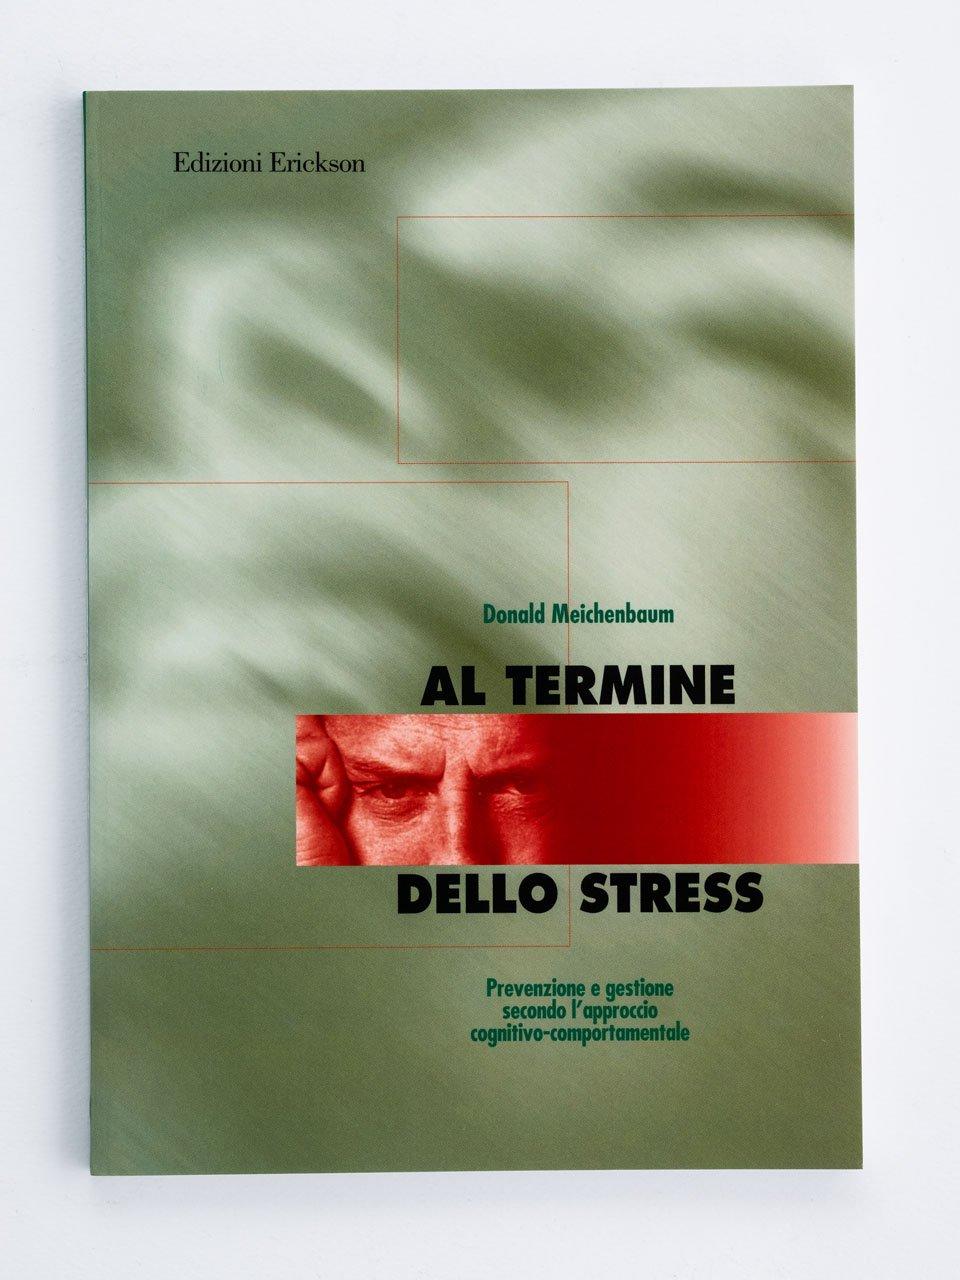 Al termine dello stress - Gestione dello Stress, Autocontrollo e Controllo degli Impulsi - Erickson